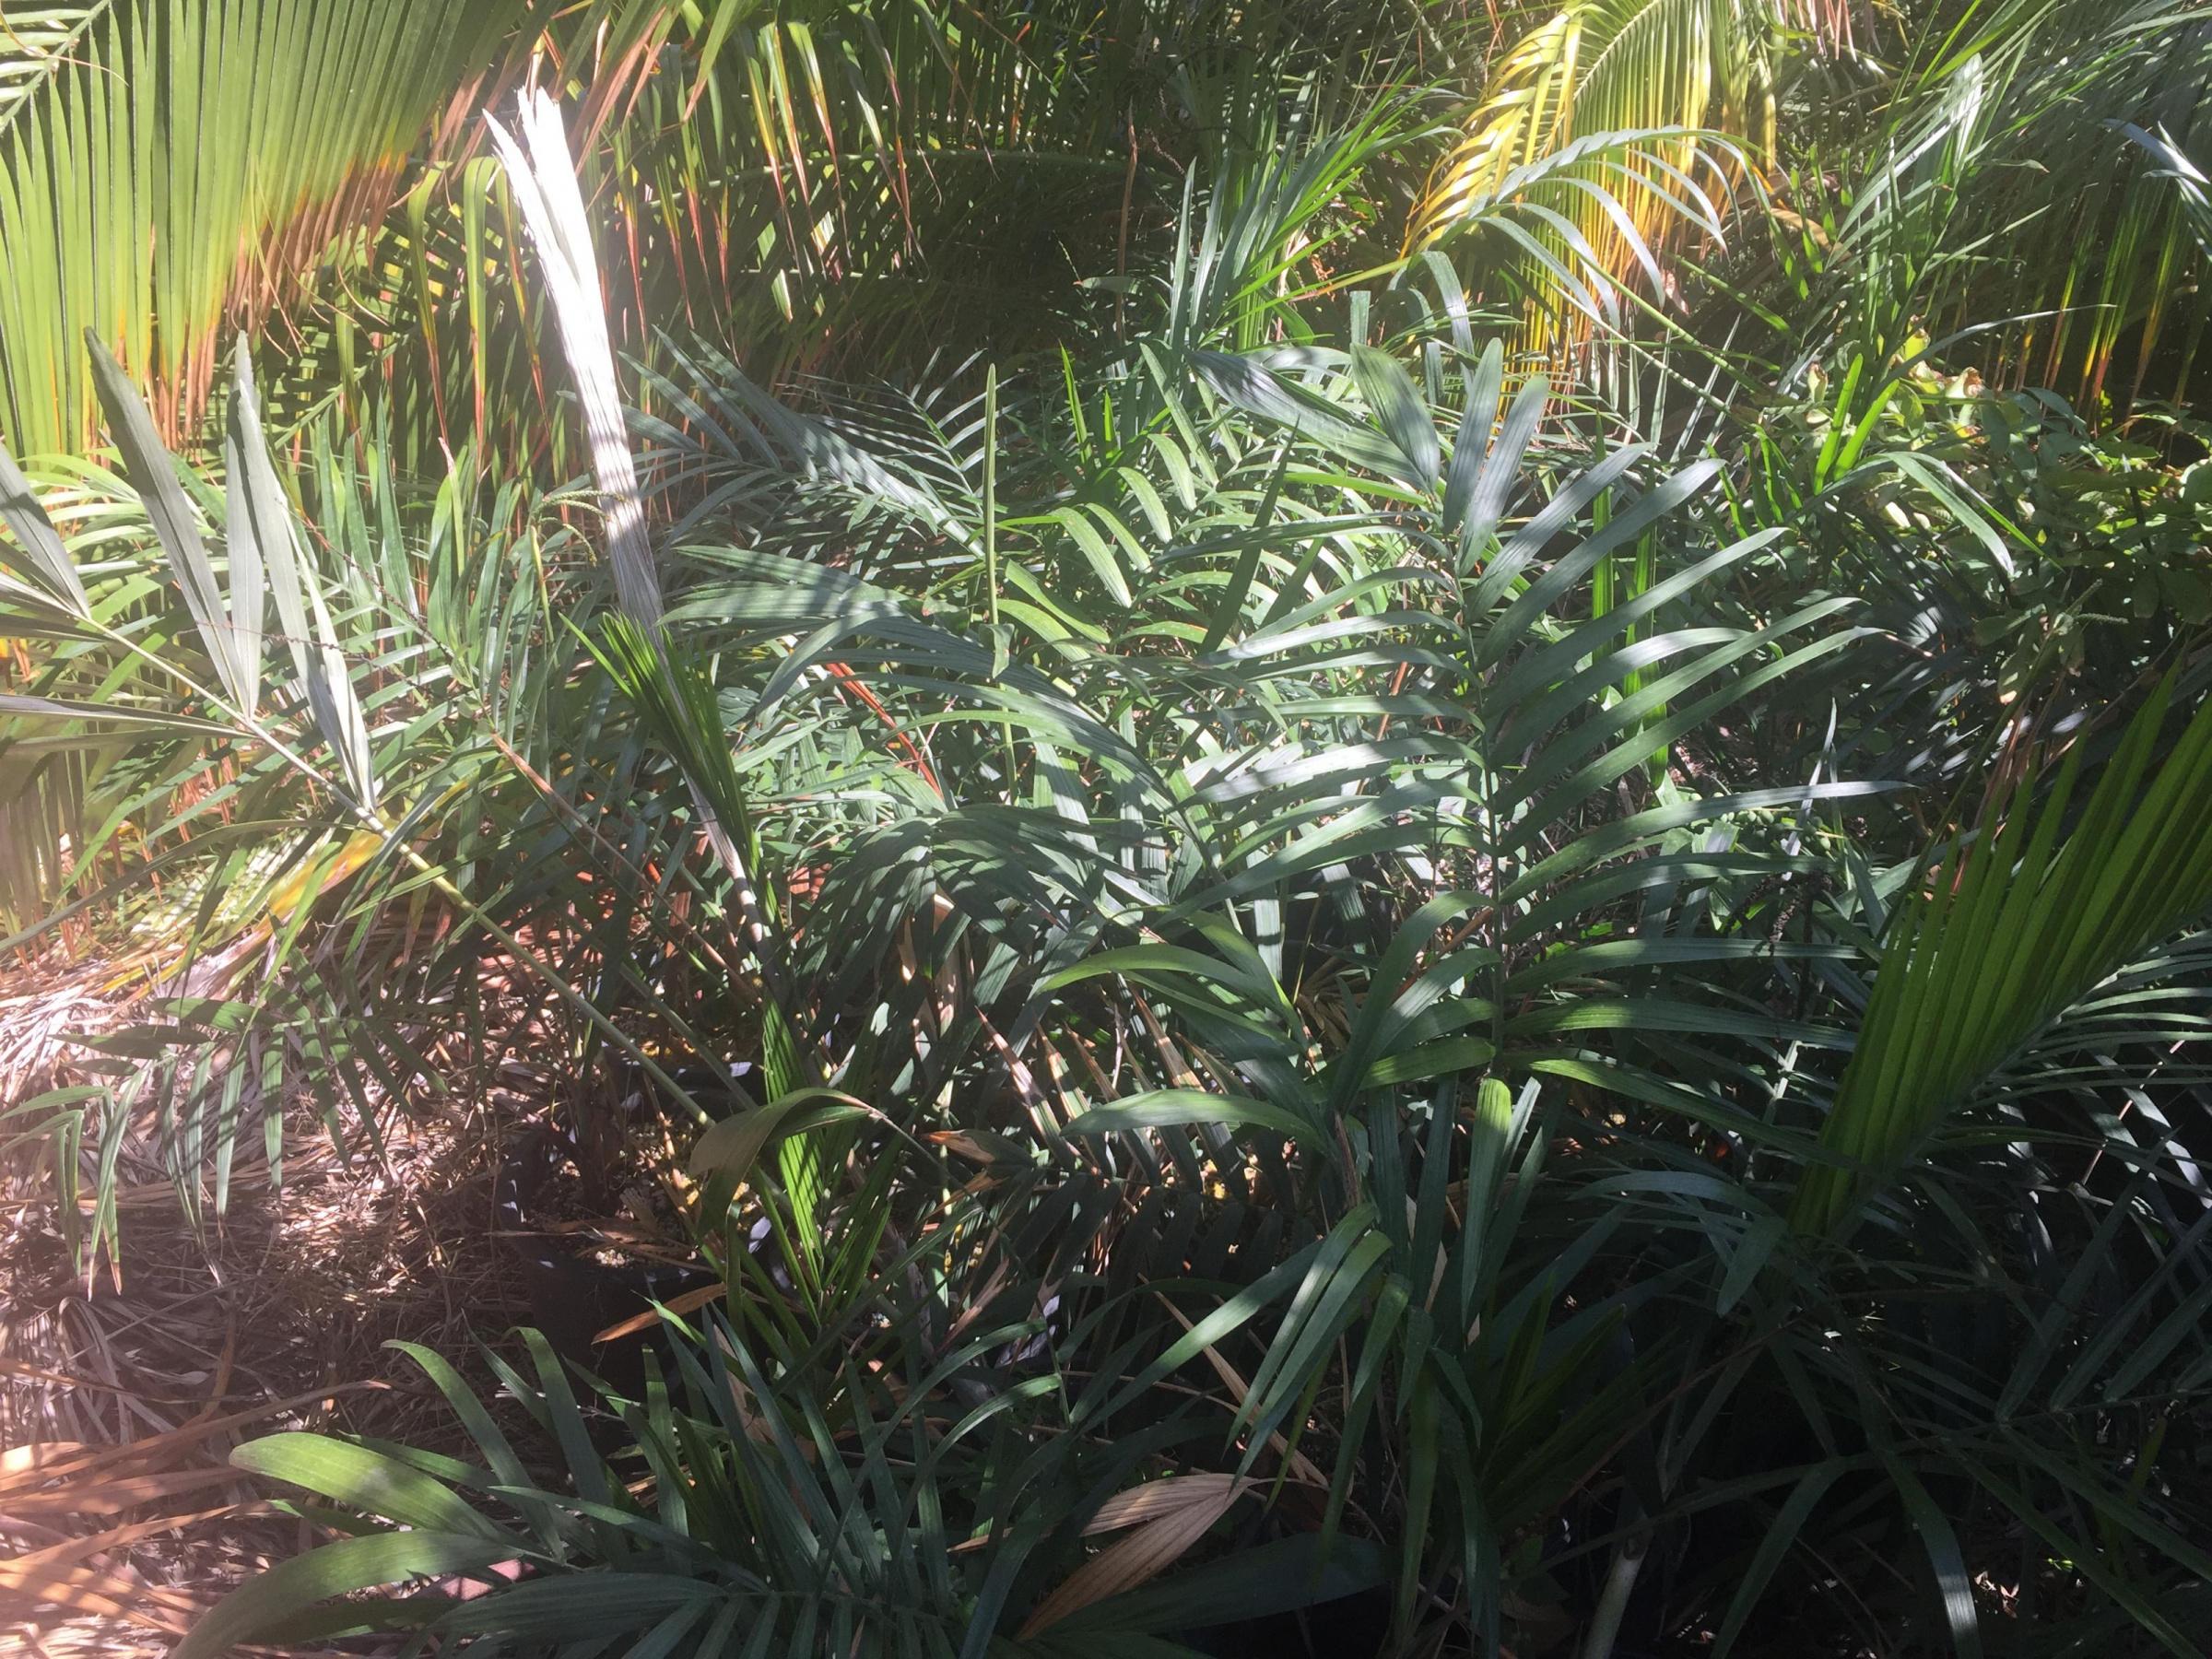 Free palm tree seeds-2b47632f-5c97-4198-b74f-d3d8eedbaa66_1570068936333.jpg